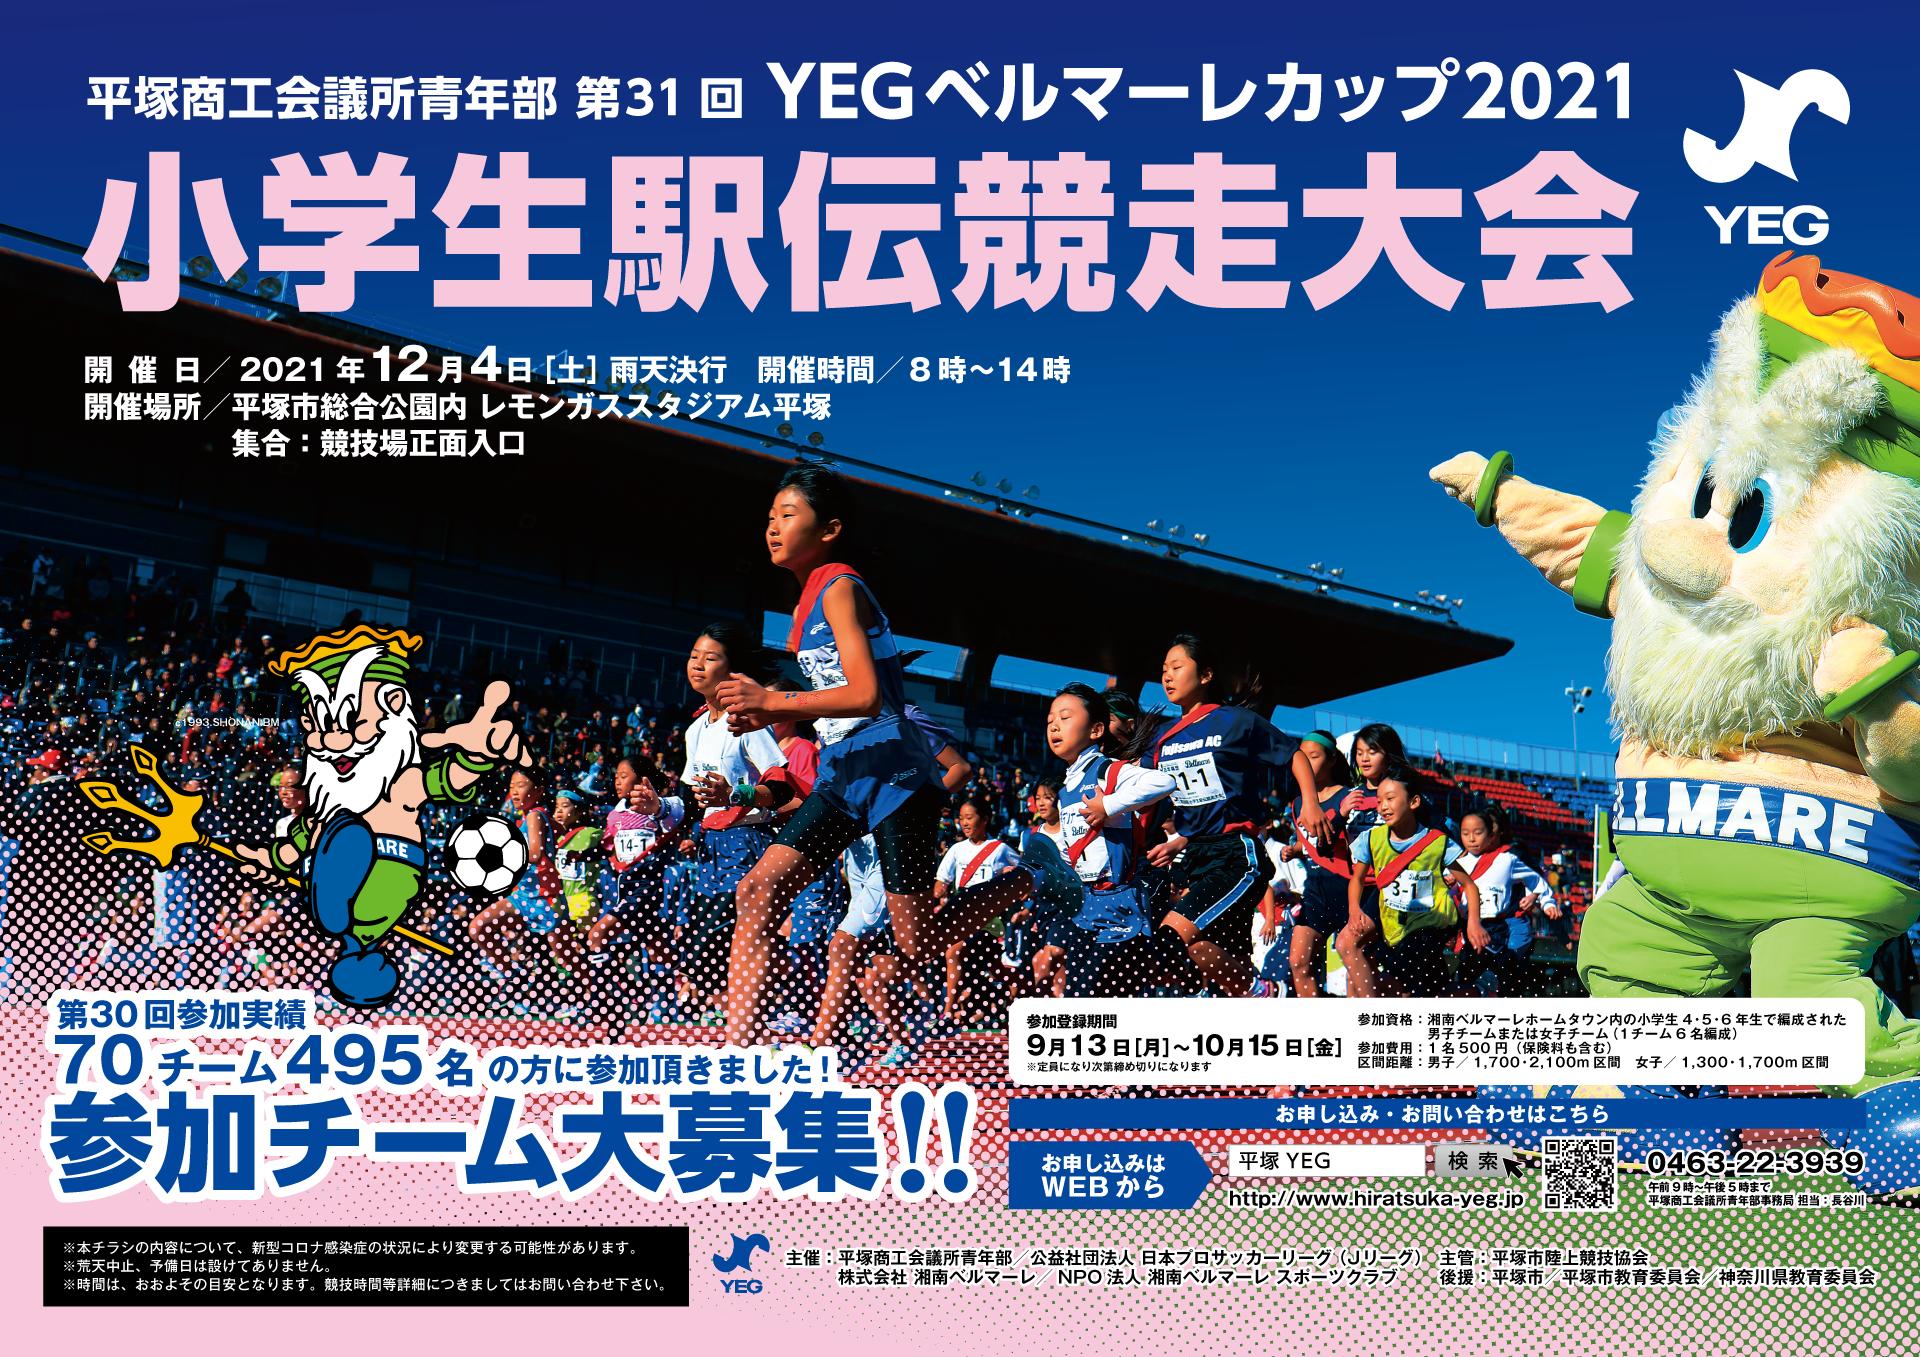 第31回 YEGベルマーレカップ2021小学生駅伝競走大会